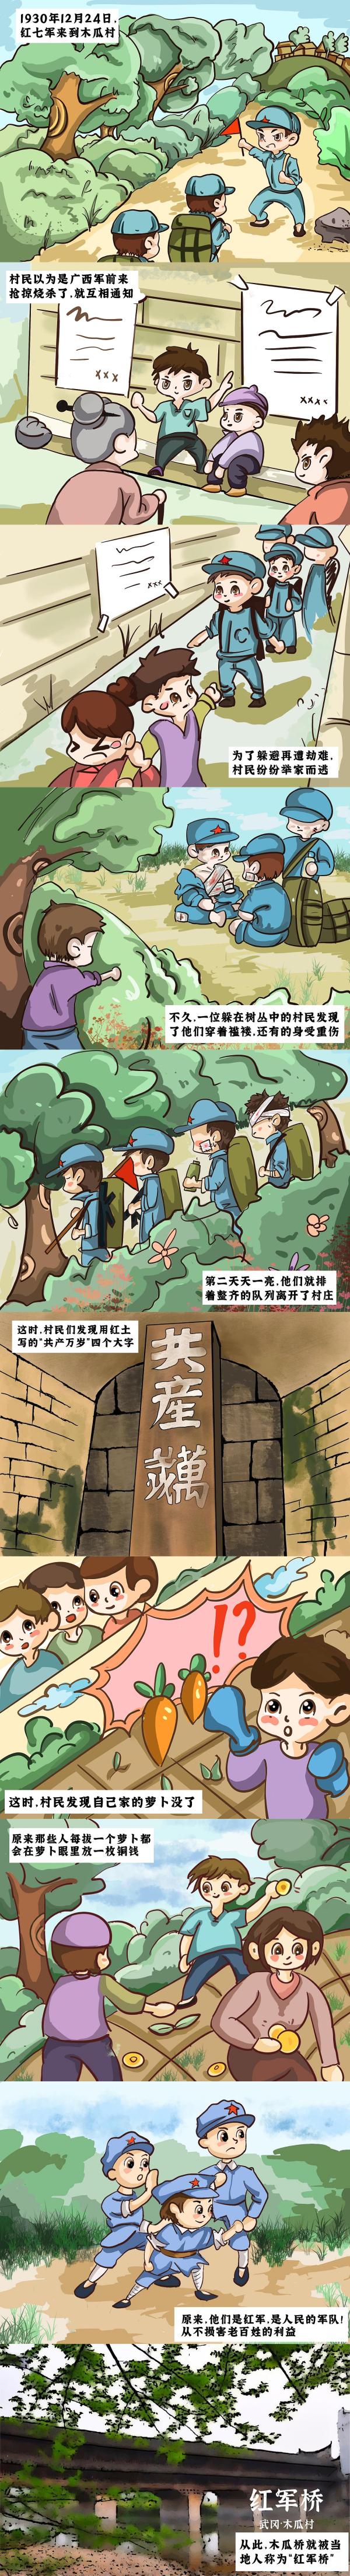 湖南师大学子创作微漫画讲述湖湘红色故